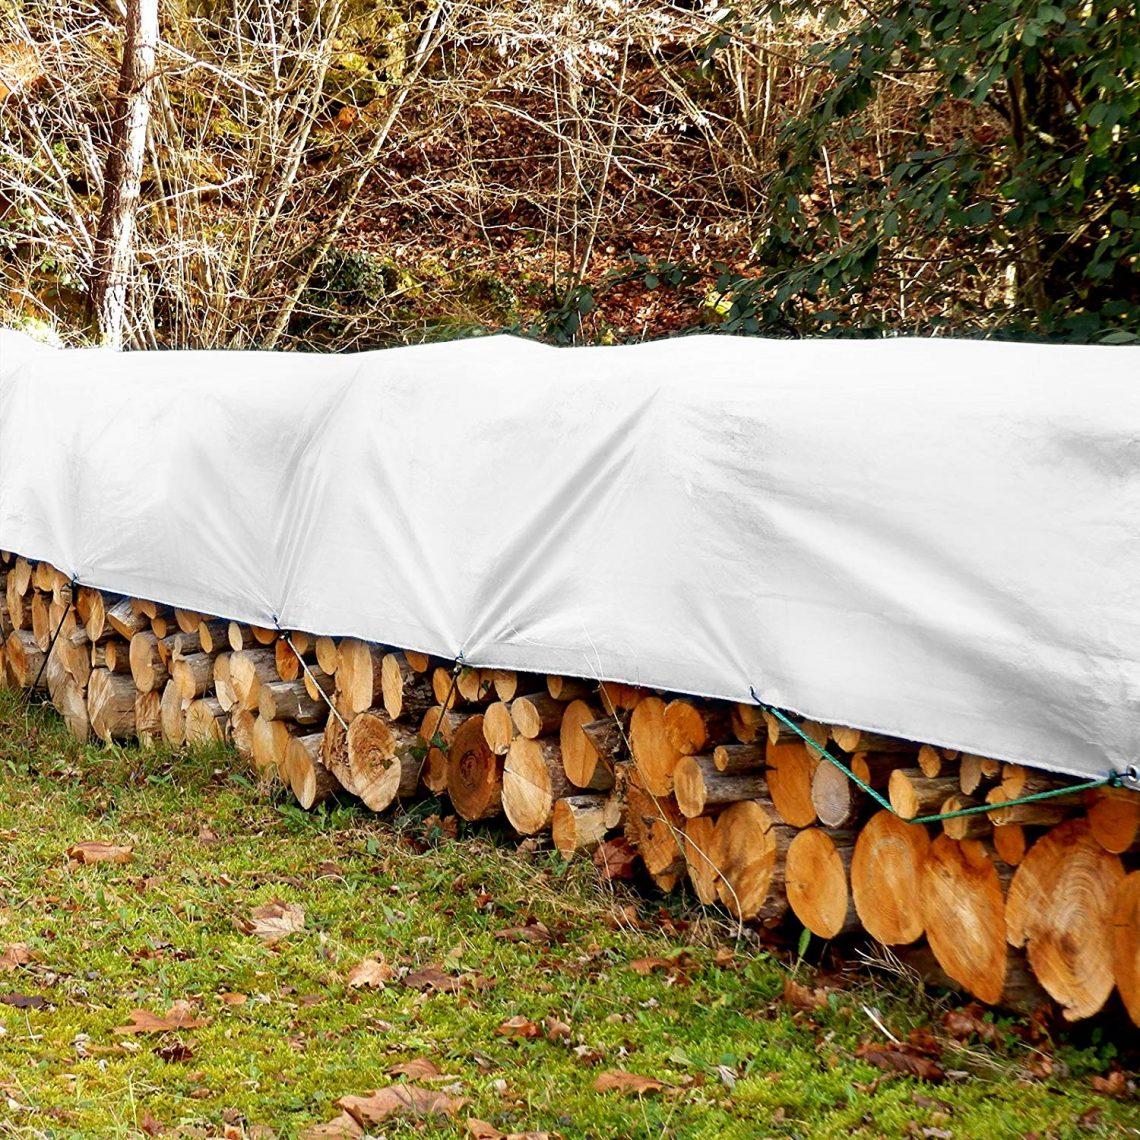 Comment Faire Un Etang Avec Une Bache la meilleure bâche de protection pour l'hiver, comparatif et